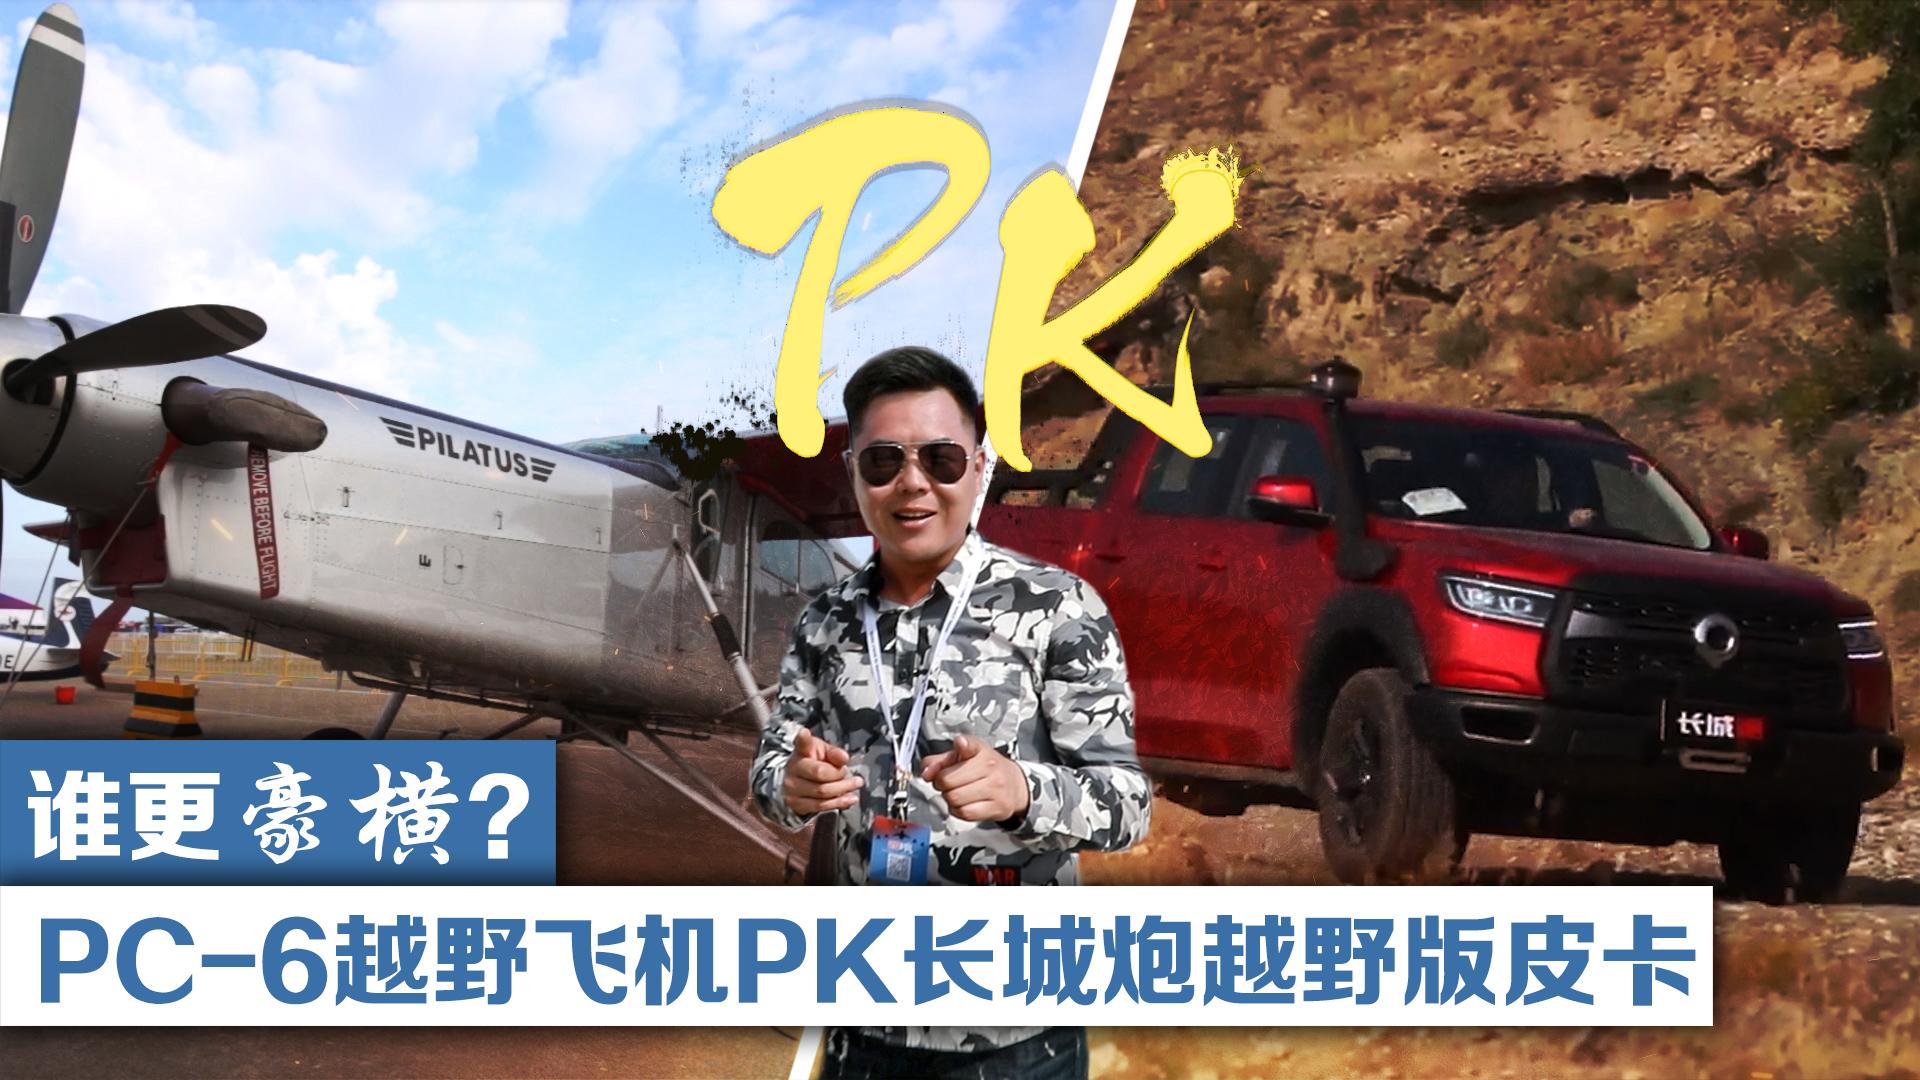 皮拉图斯PC-6越野飞机PK长城炮越野版皮卡,谁更豪横?